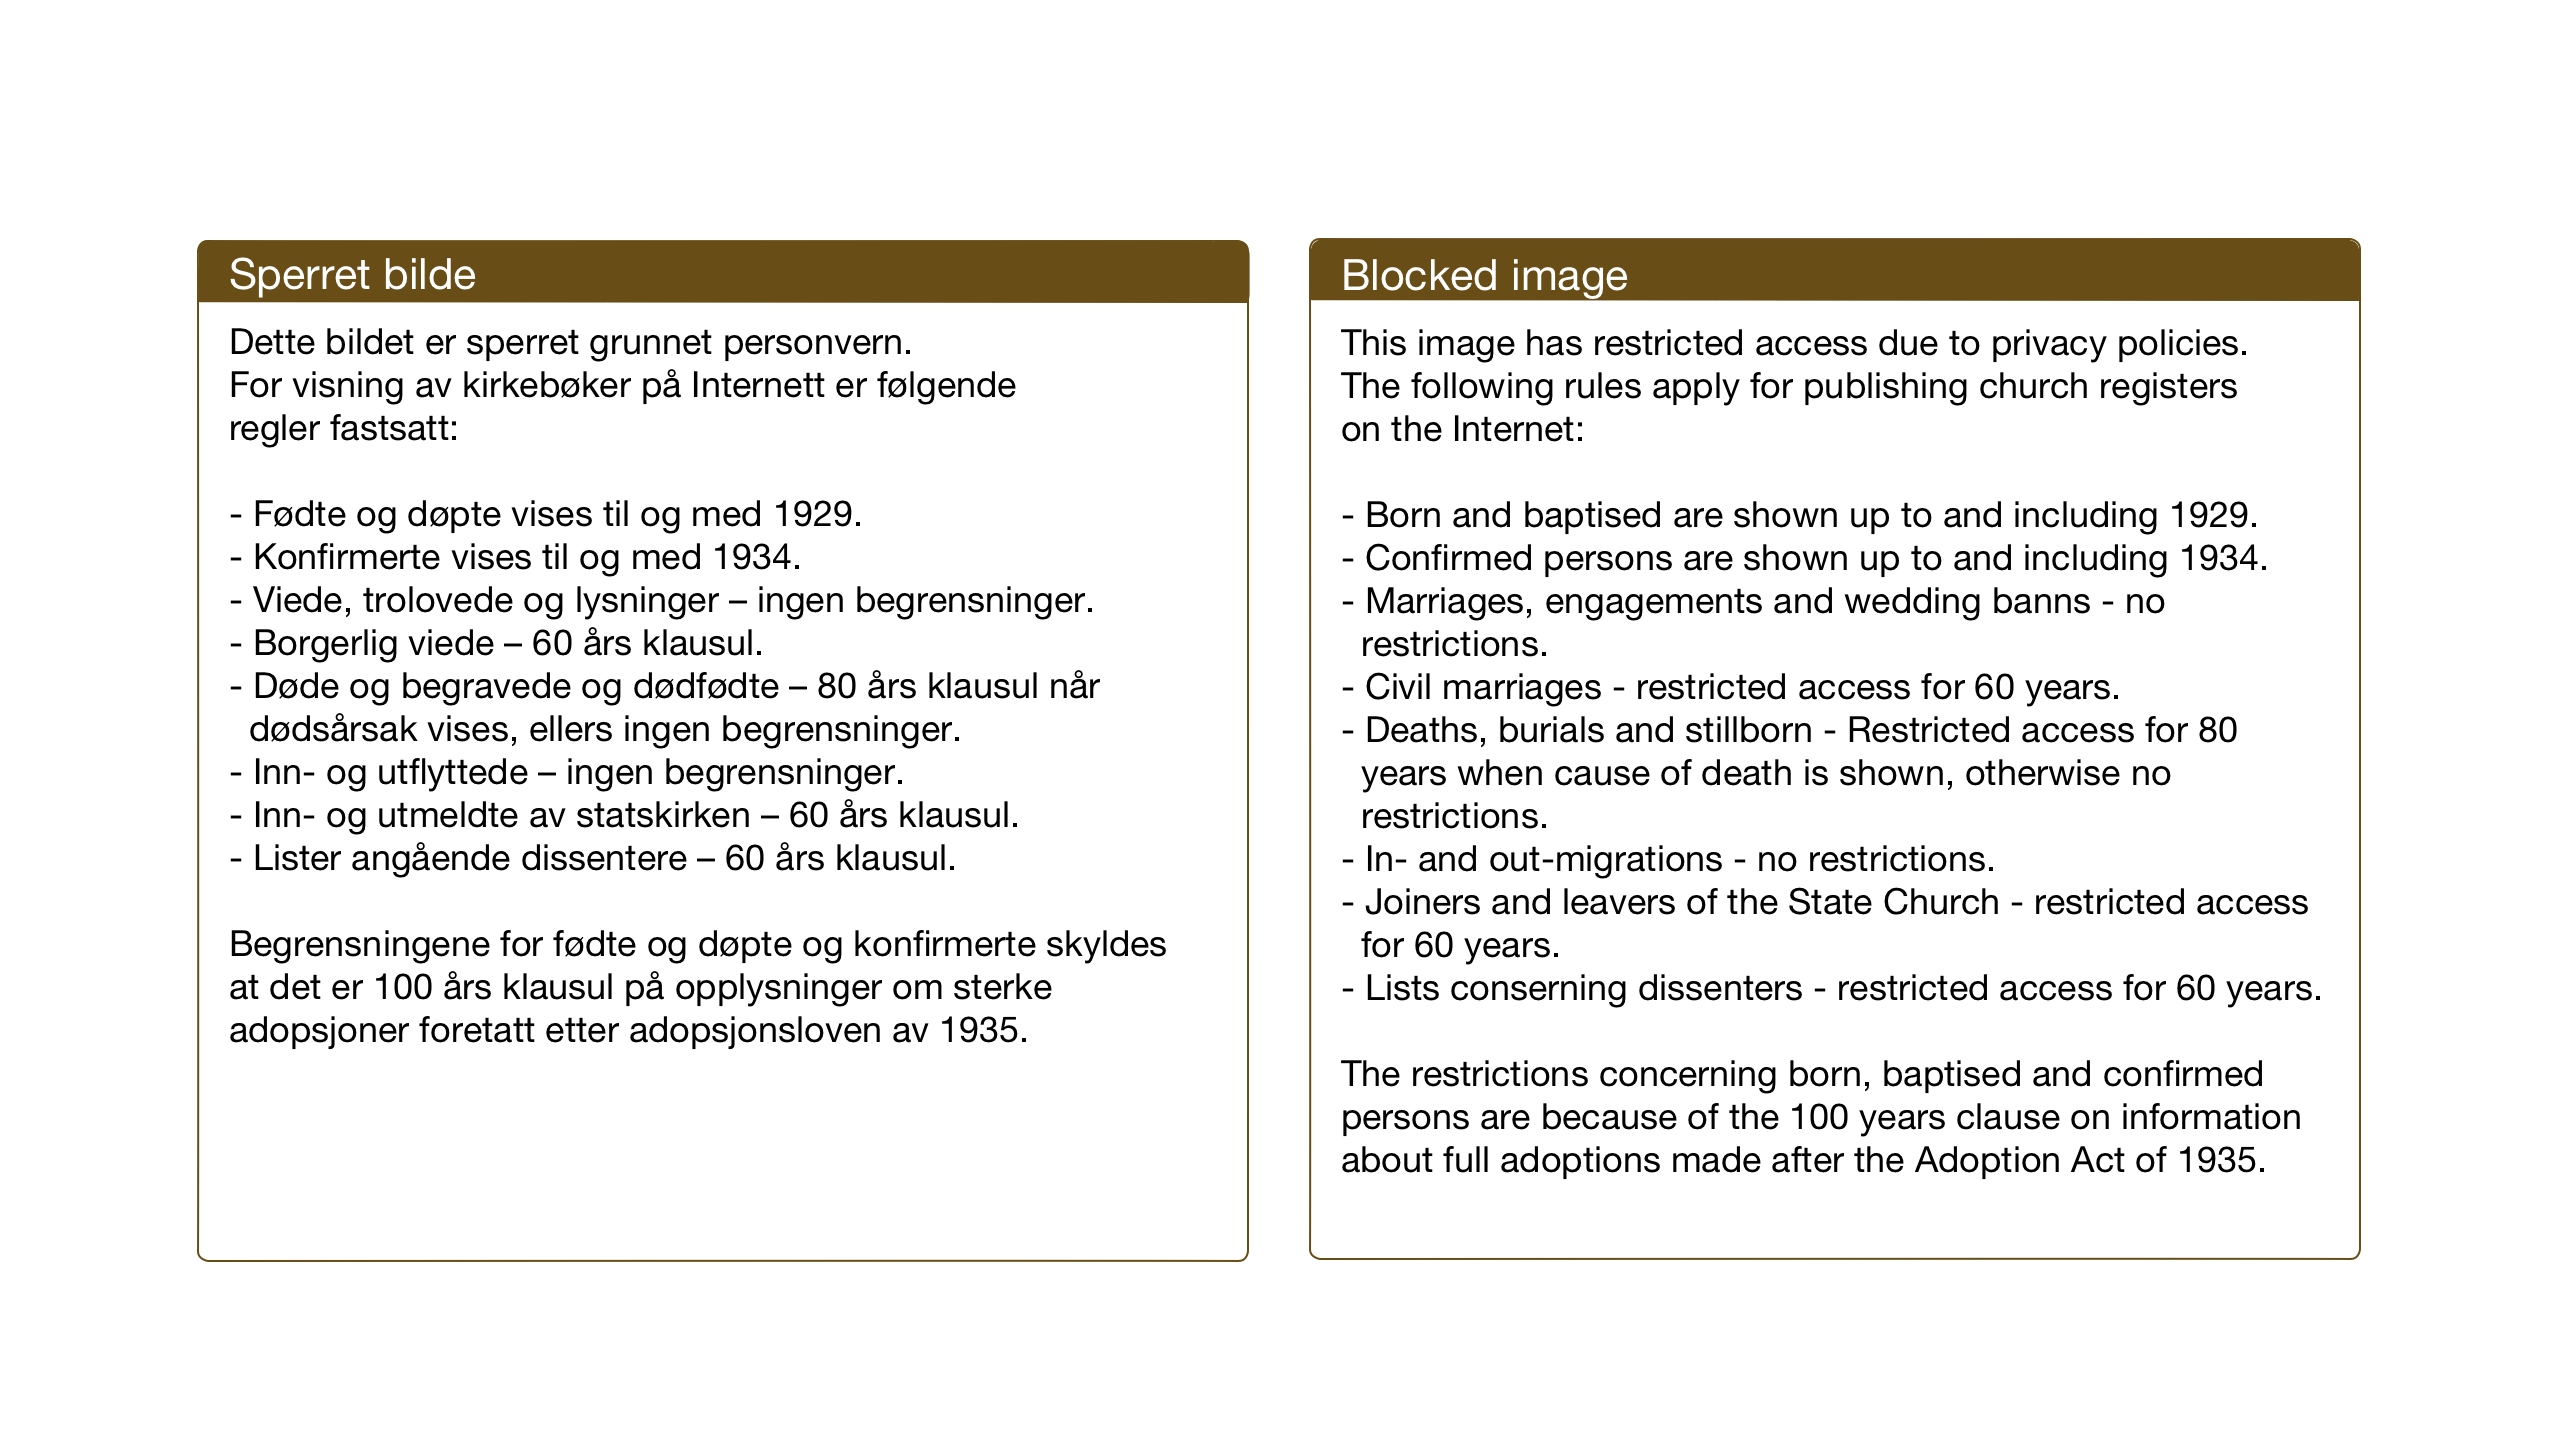 SAT, Ministerialprotokoller, klokkerbøker og fødselsregistre - Nord-Trøndelag, 741/L0403: Ministerialbok nr. 741C04, 1925-1944, s. 22